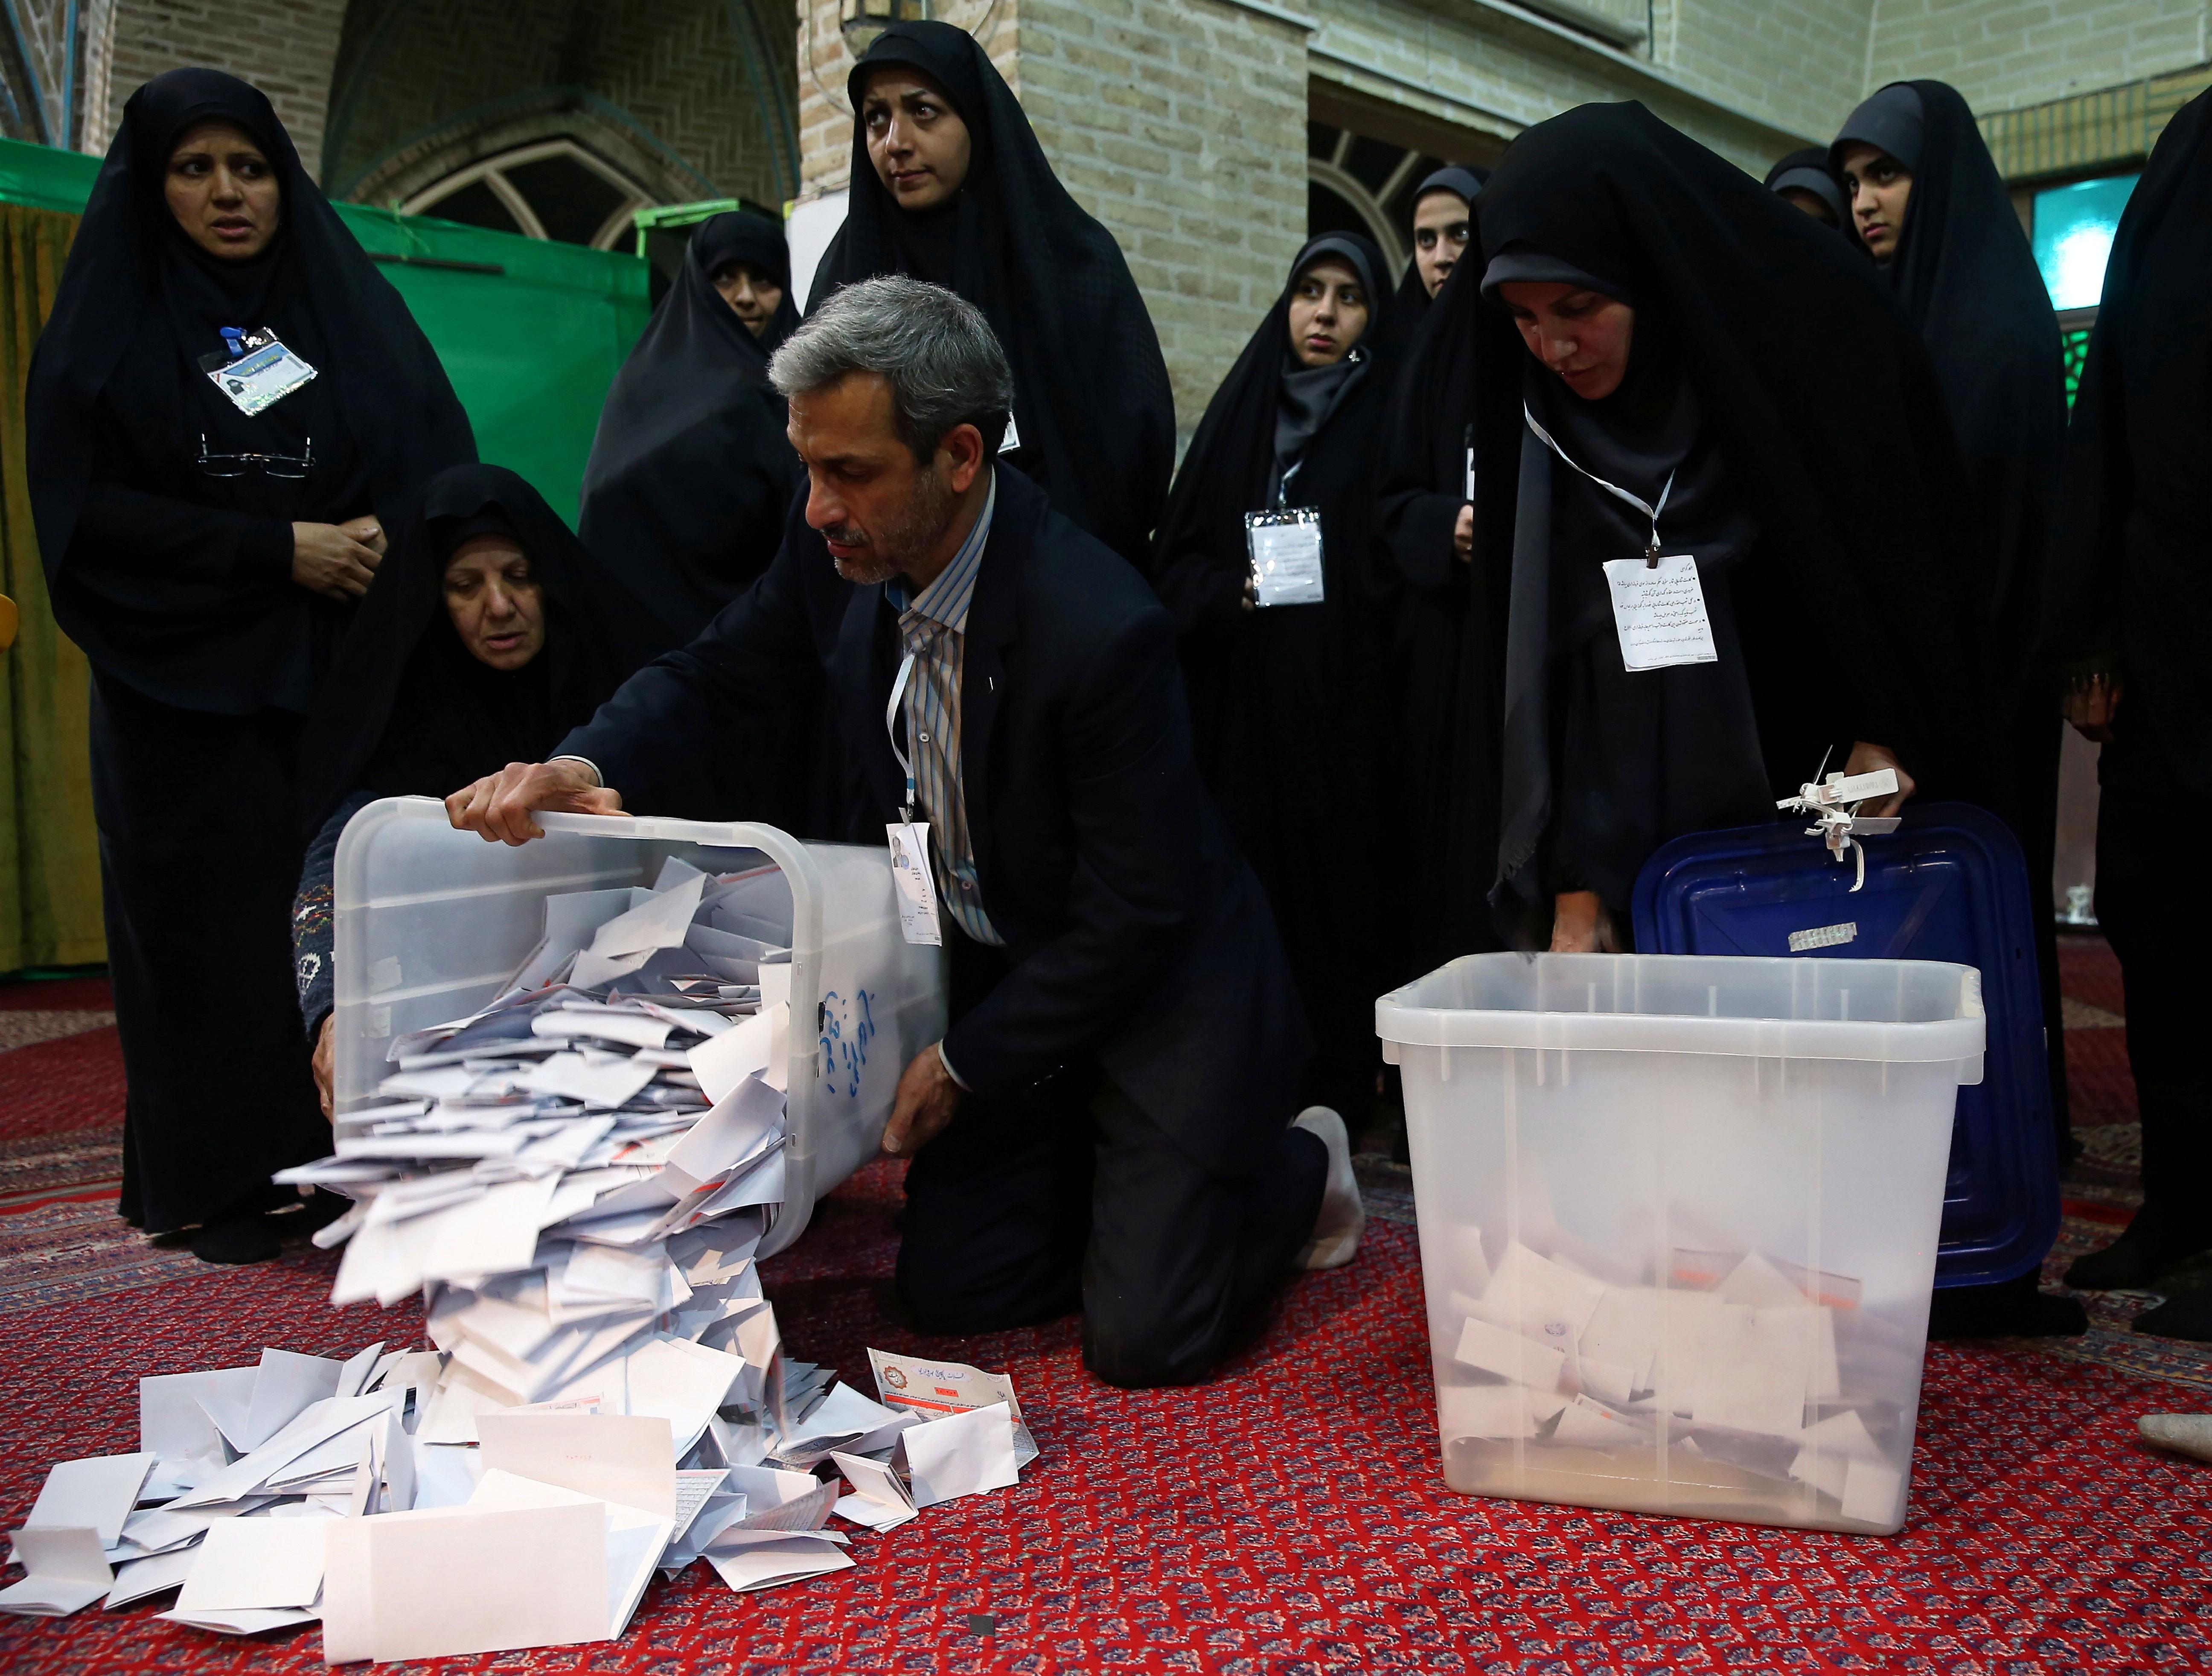 Ultraconservadores lideram eleição parlamentar no Irã